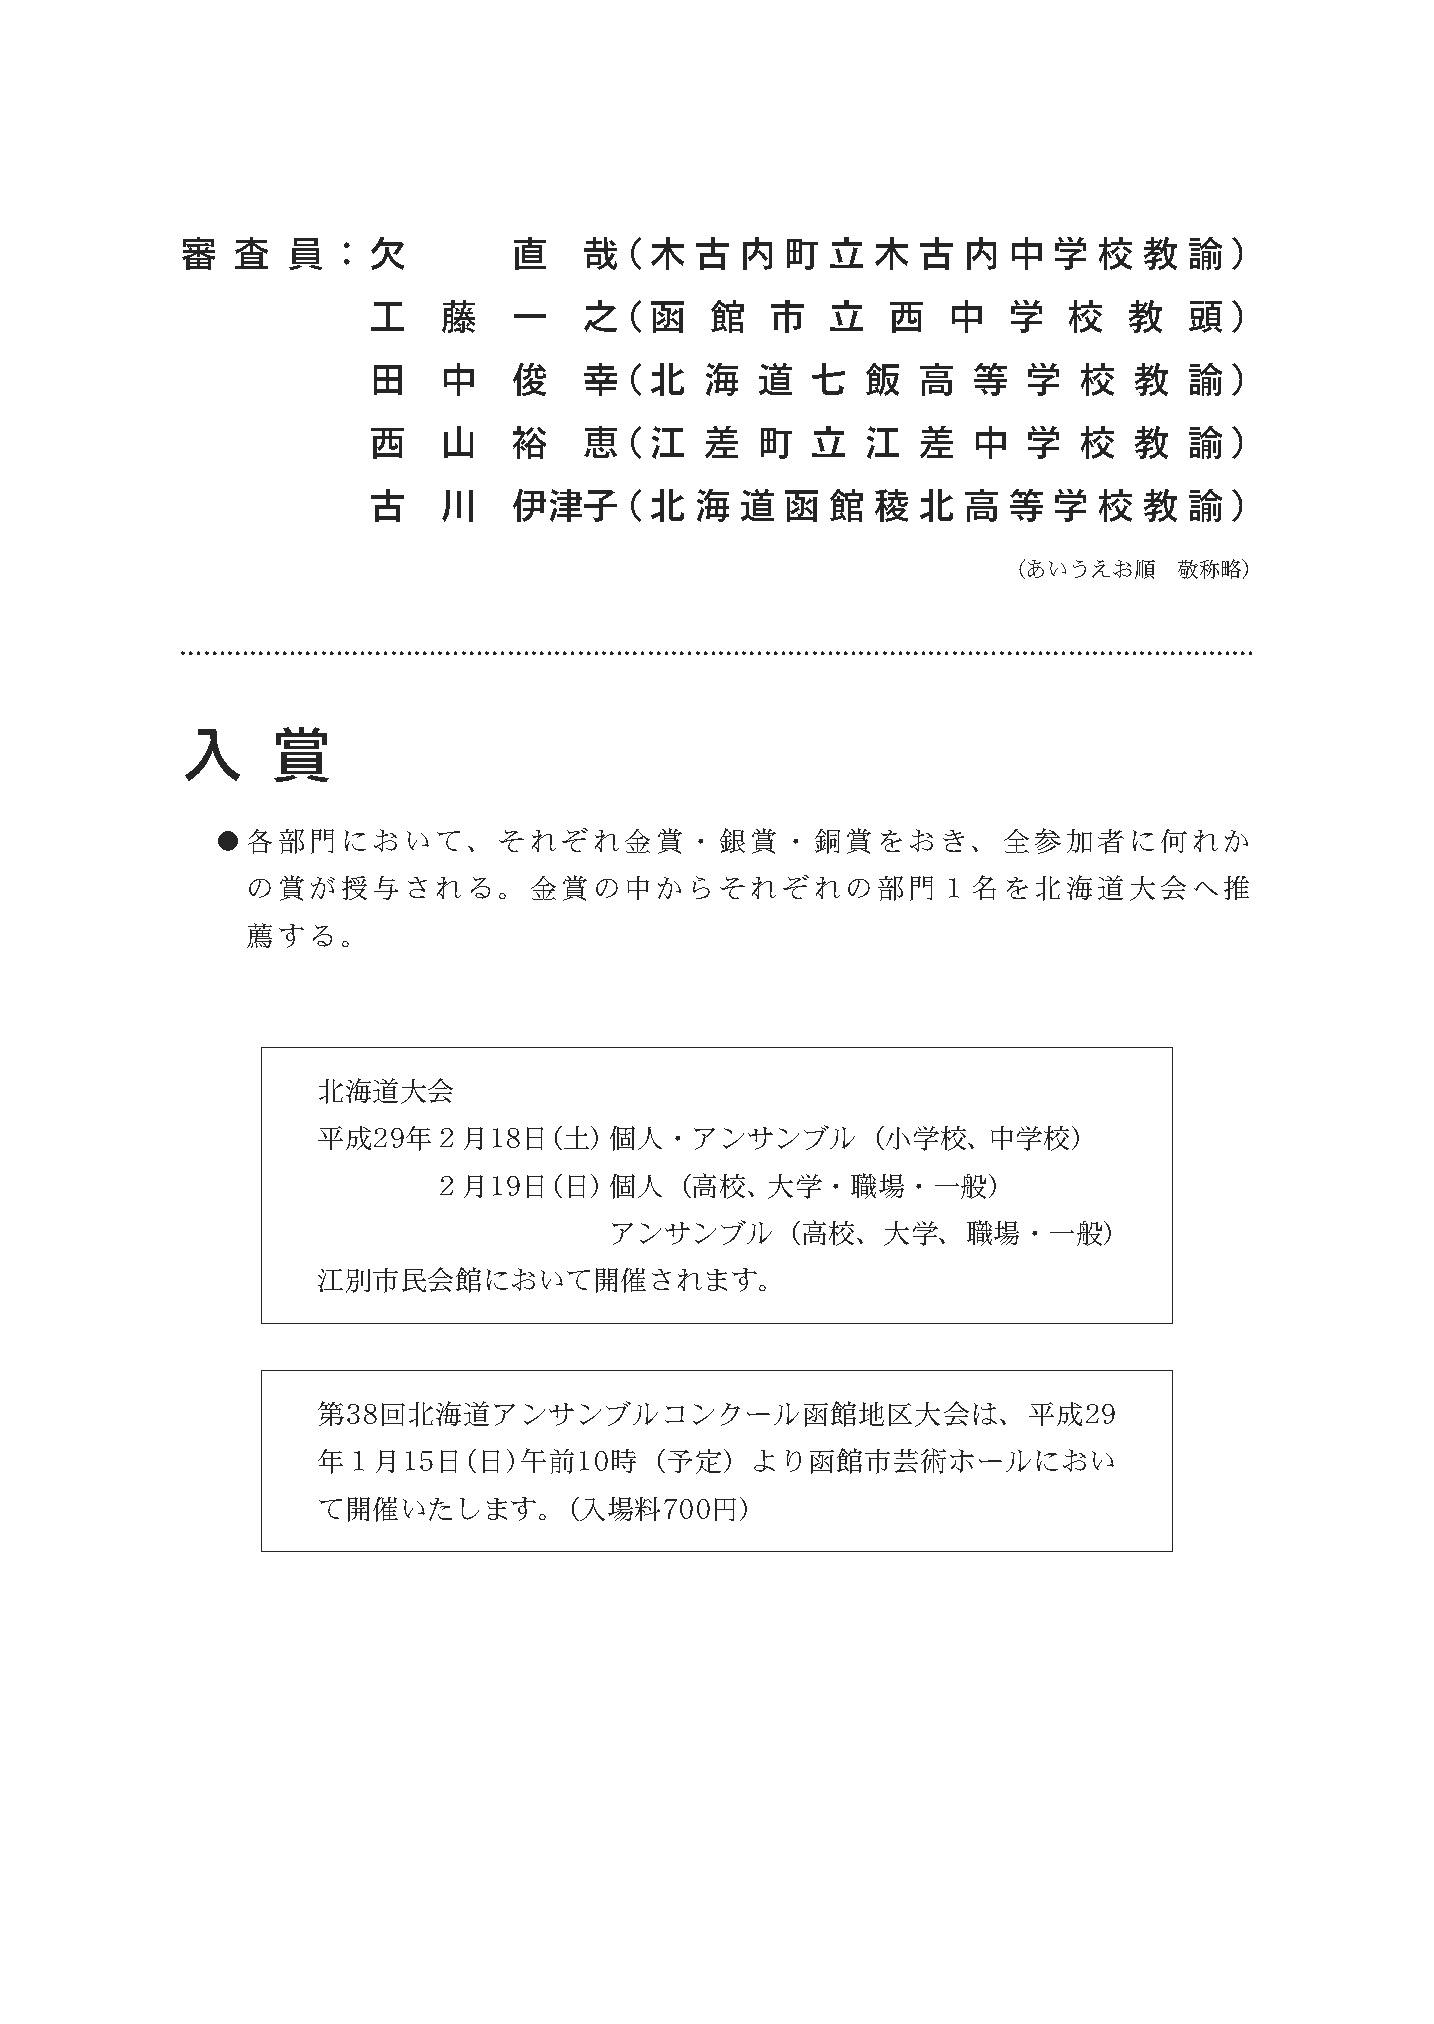 函館地区個人コンクール仮プログラム_ページ_4